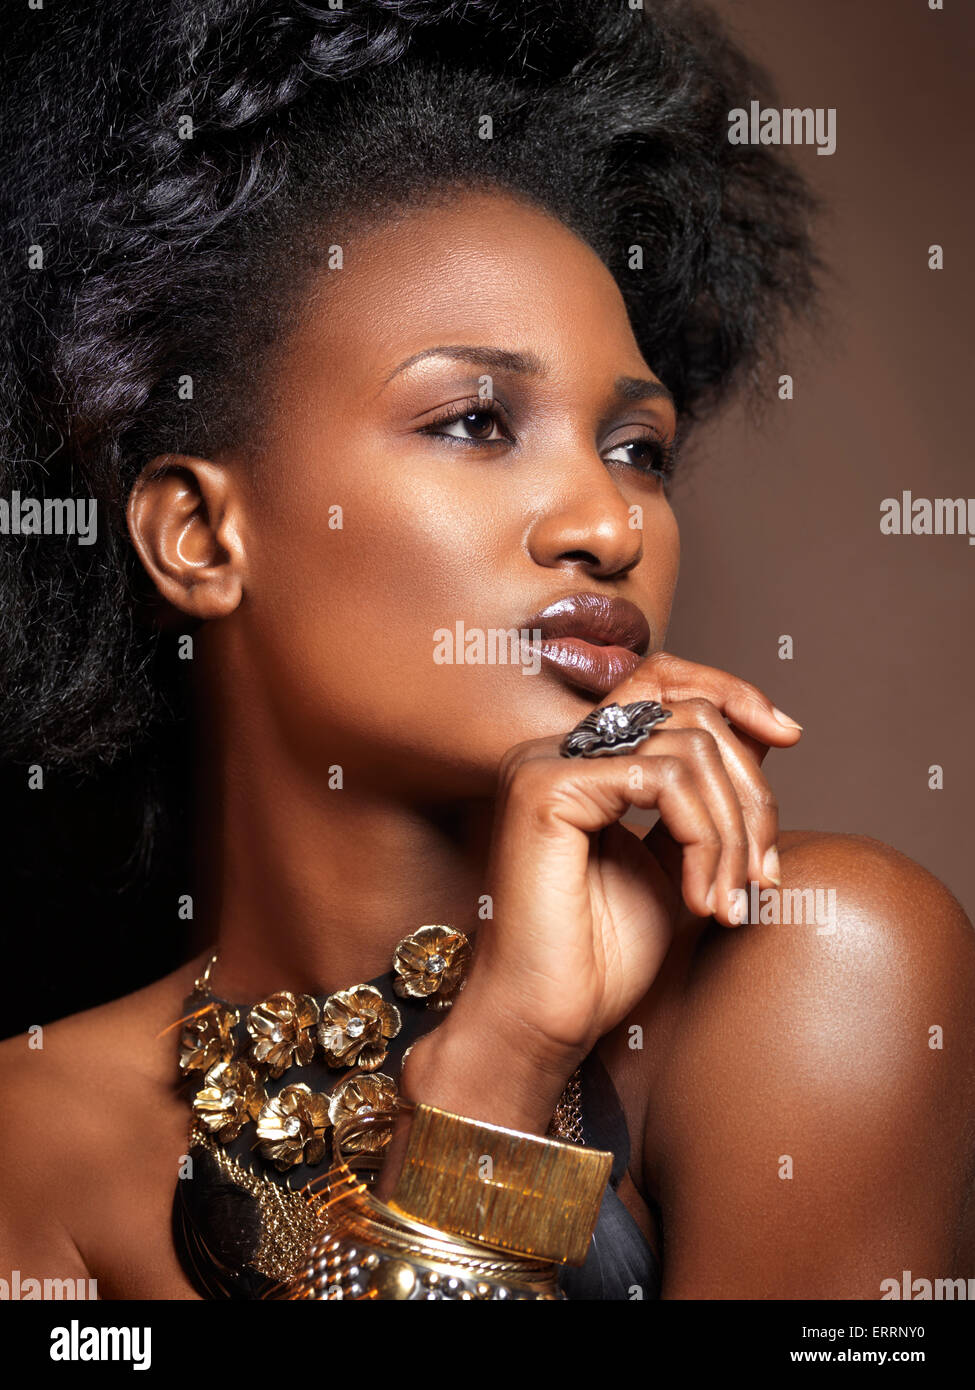 Hermosa joven afroamericana con big hair las joyas, belleza artística retrato sobre fondo marrón Imagen De Stock